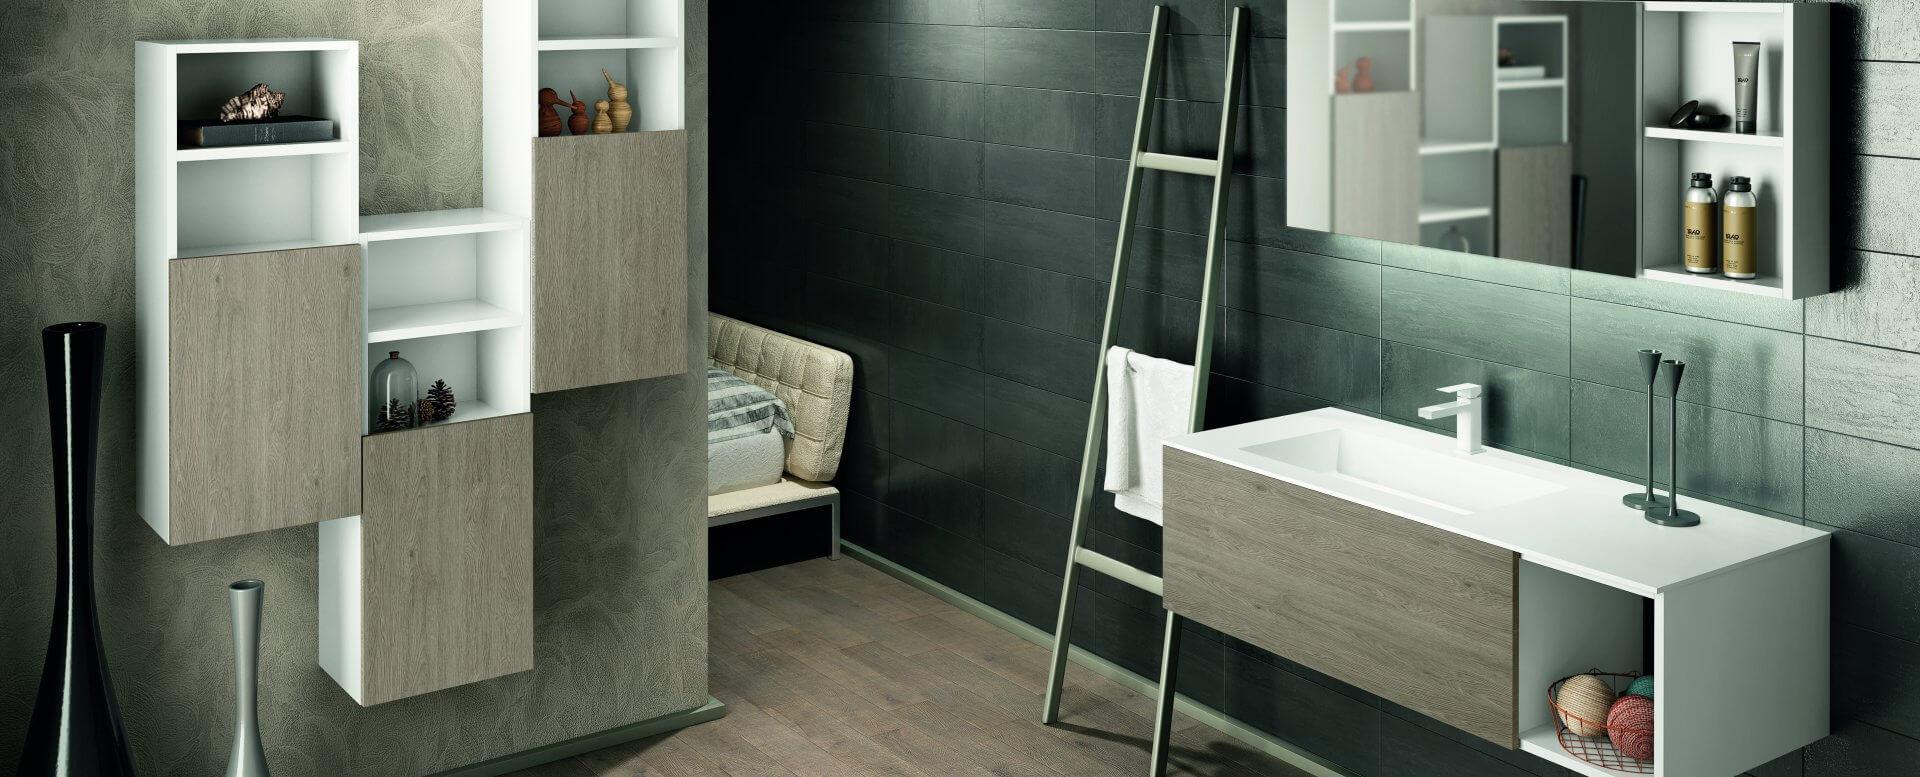 salle de bains - Küchen Spezialist - Spécialiste de la cuisine allemande Ostwald La Vigie